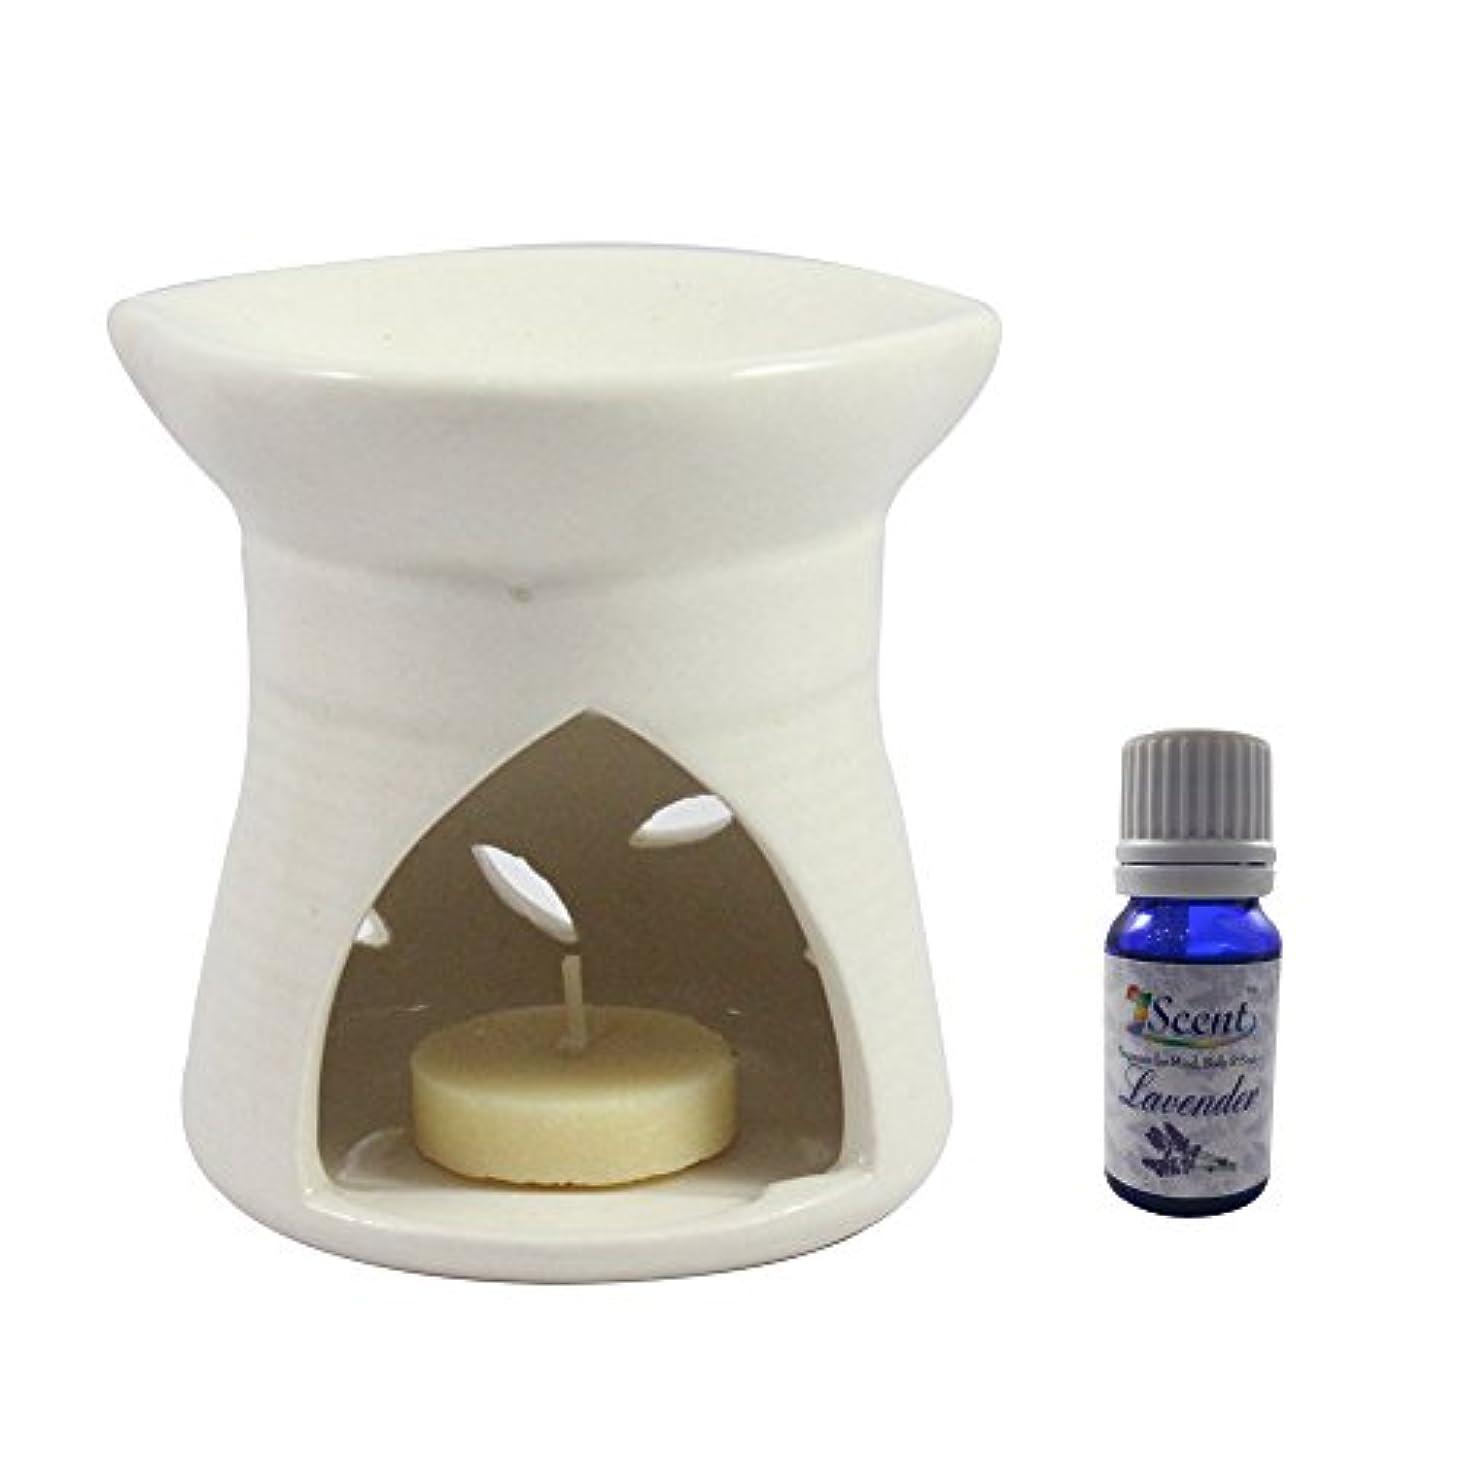 負弾薬ホームホームデコレーション定期的に使用する汚染のない手作りセラミックエスニックティーライトキャンドルアロマディフューザーオイルバーナーサンダルウッドフレグランスオイル|ホワイトティーライトキャンドルアロマテラピー香油暖かい数量1